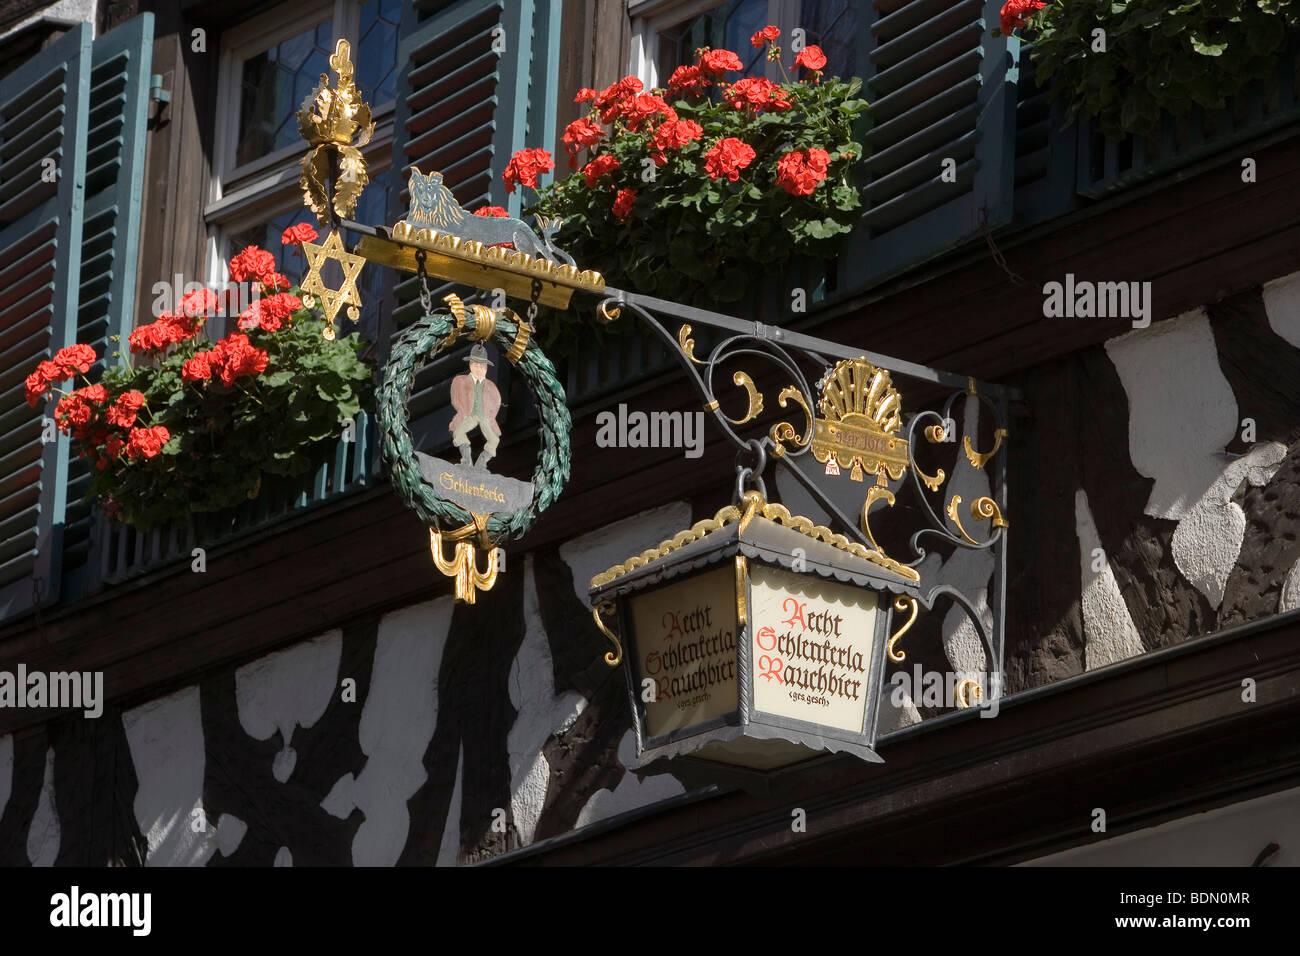 Bamberg Wirtshaus Schlenkerla Wirtshaus zum Schlenkerla Rauchbier Gotisches Gewölbe aus dem 14. Jh. und fränkische Stock Photo